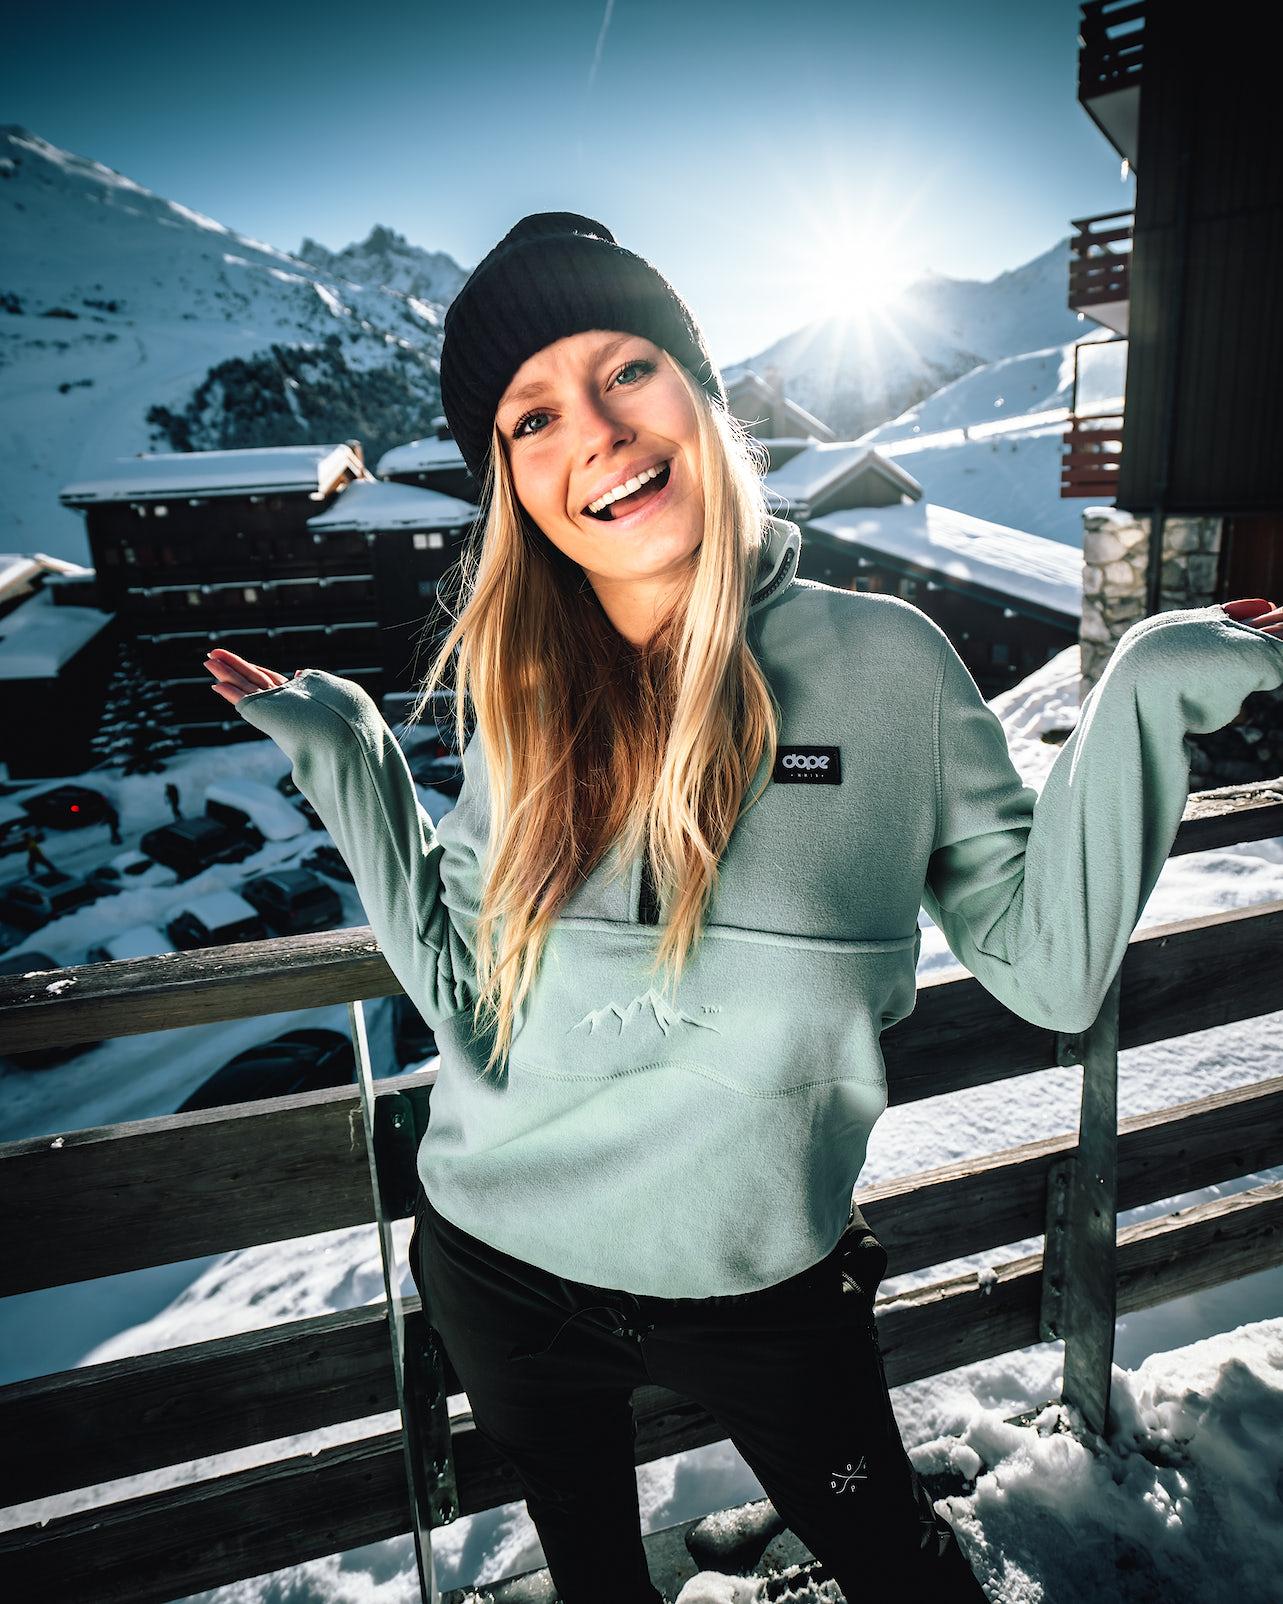 Kjøp Loyd W Trøyer Snow fra Dope på Ridestore.no - Hos oss har du alltid fri frakt, fri retur og 30 dagers åpent kjøp!